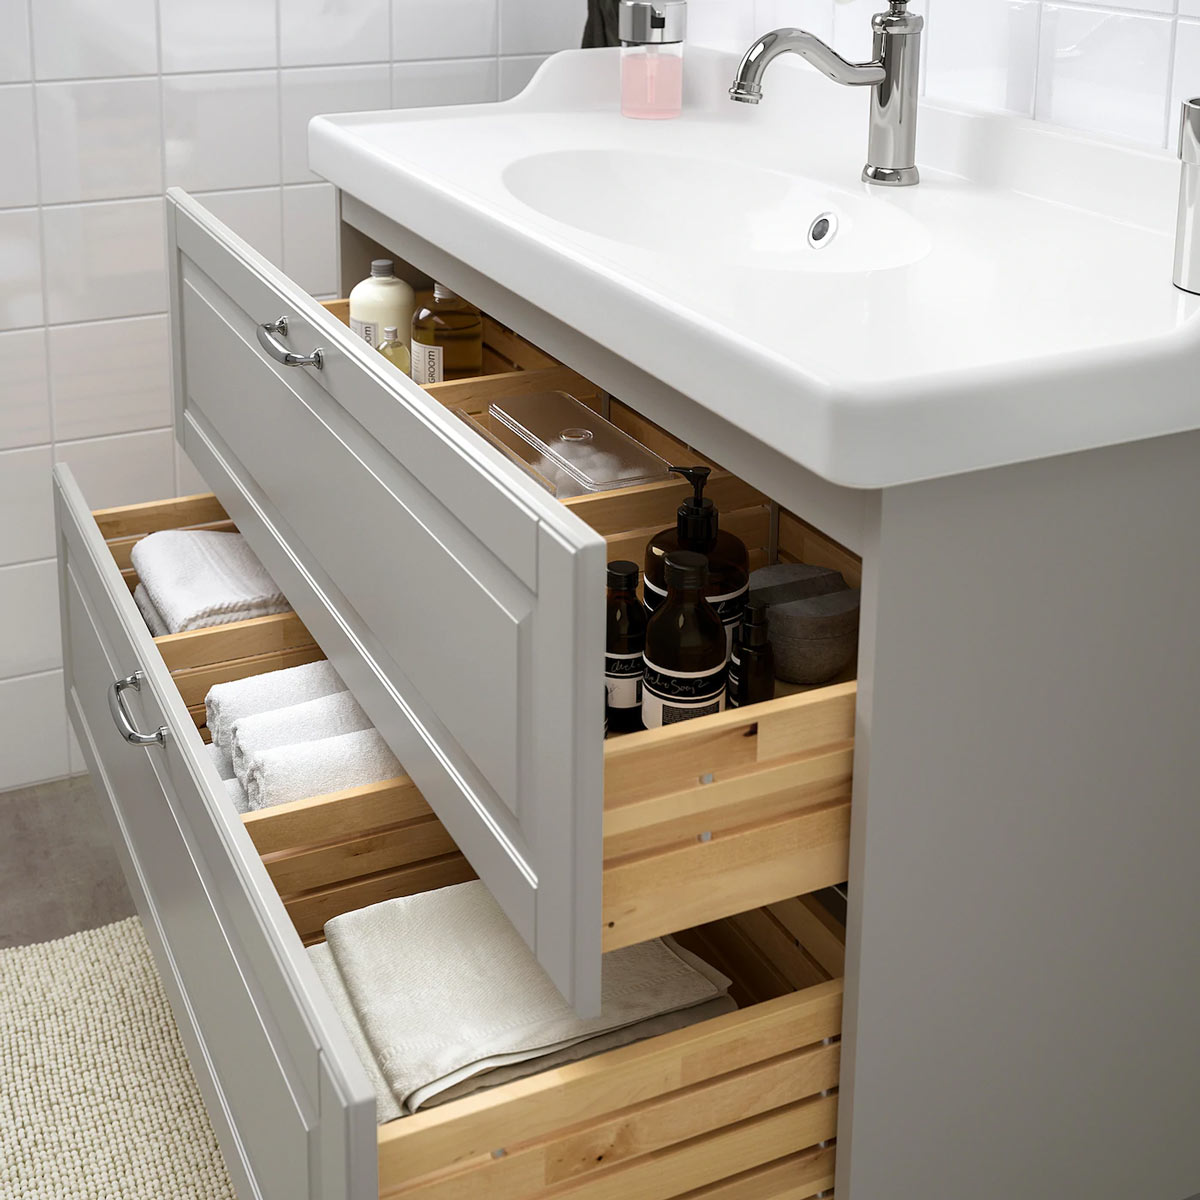 Ikea Mobili Bagno Pensili ikea bagno: i mobili del catalogo 2020! lasciati ispirare